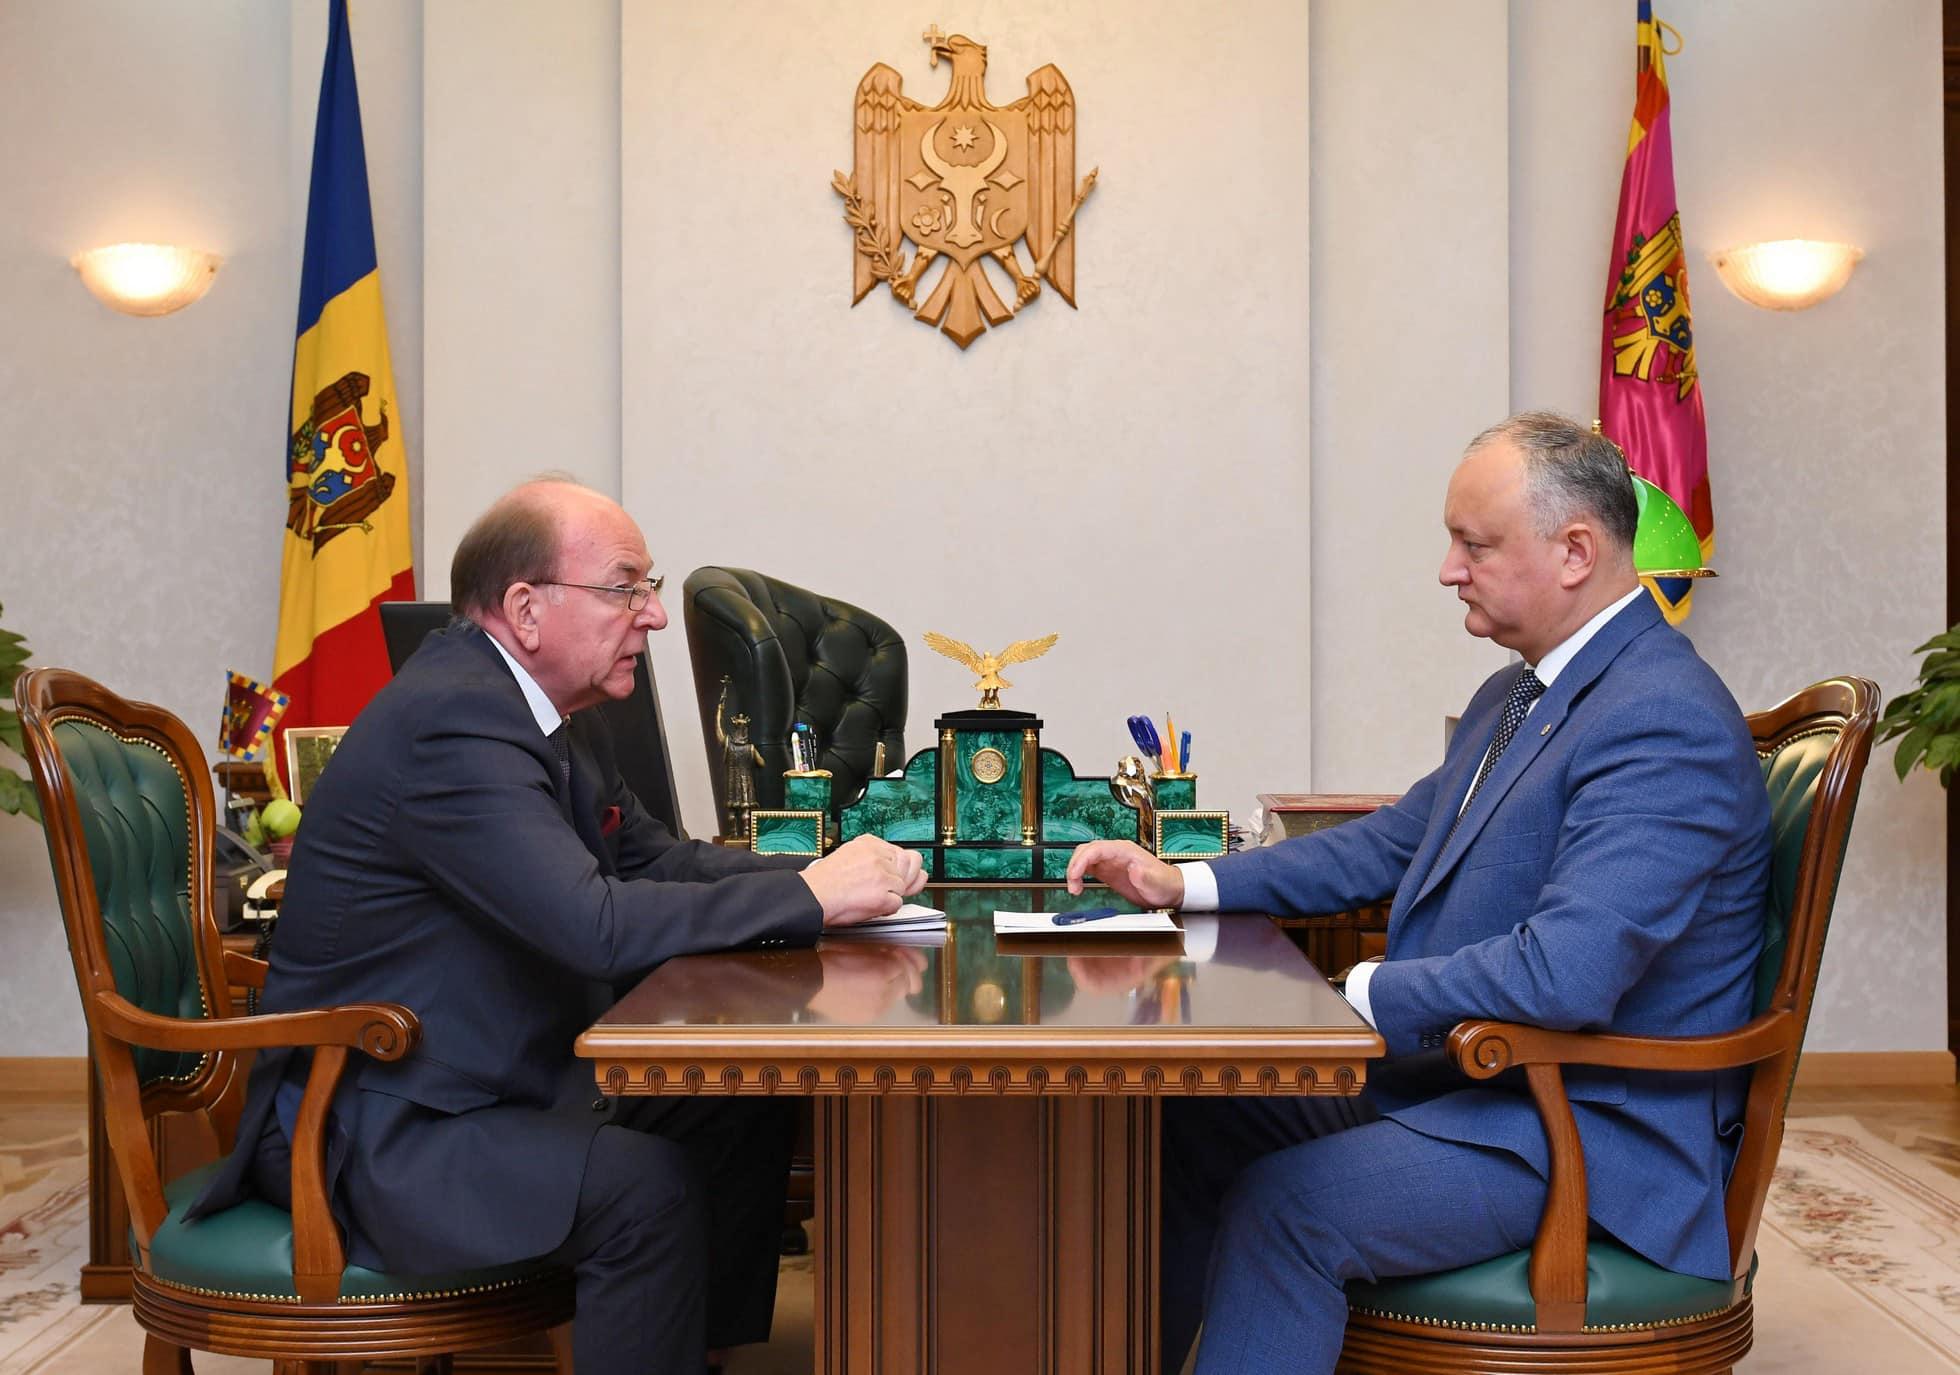 Игорь Додон обсудил вопросы молдавско-российского стратегического партнерства с послом РФ в РМ (ФОТО, ВИДЕО)